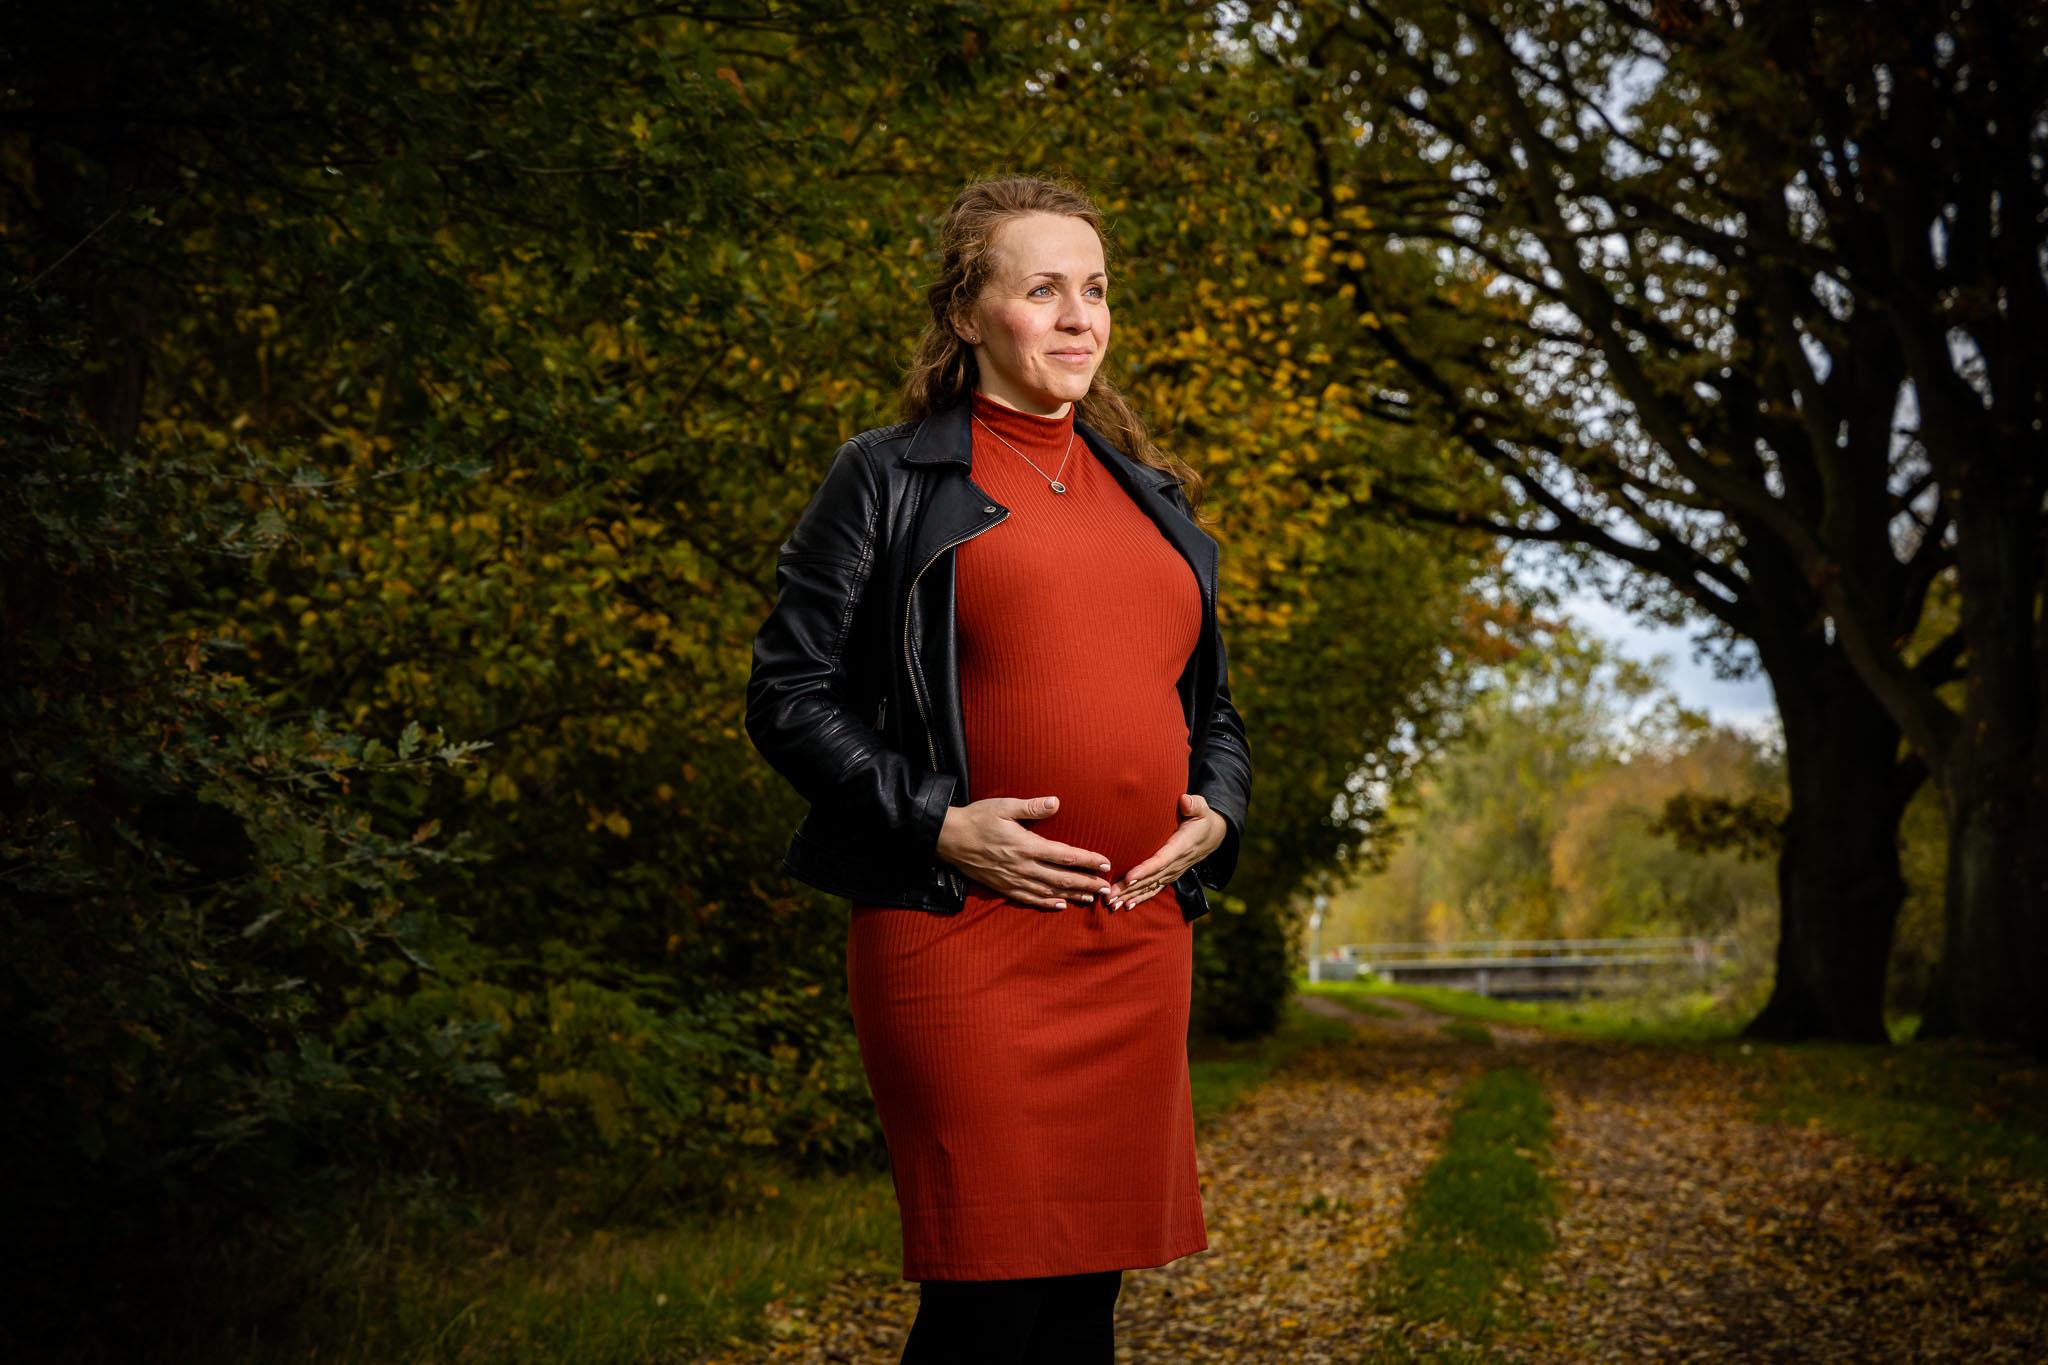 Zwangerschapsschoot